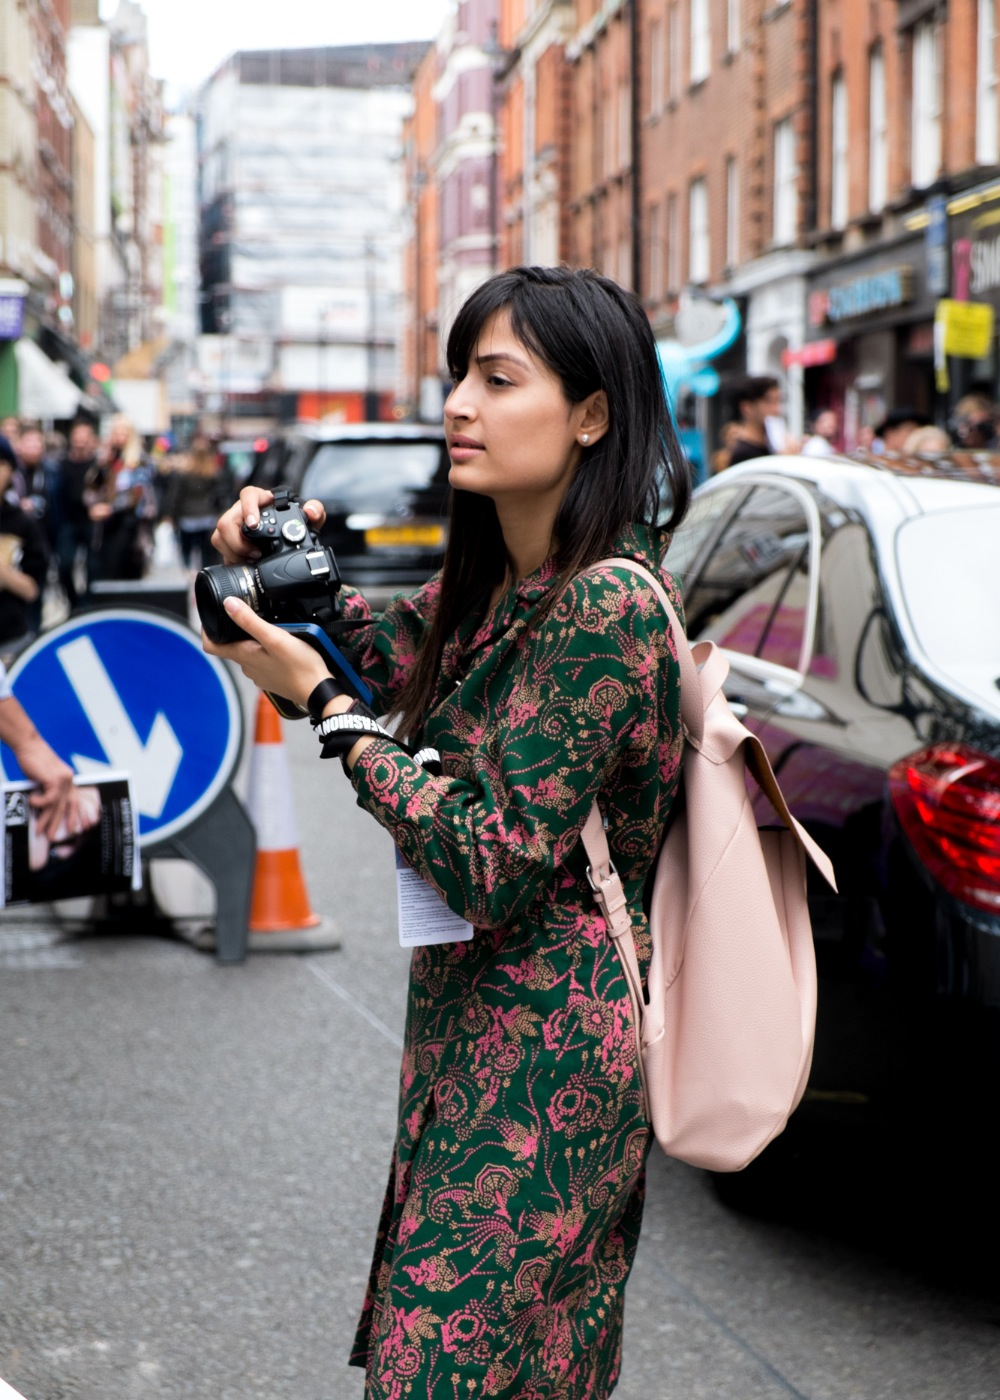 London Fashion Week SS17